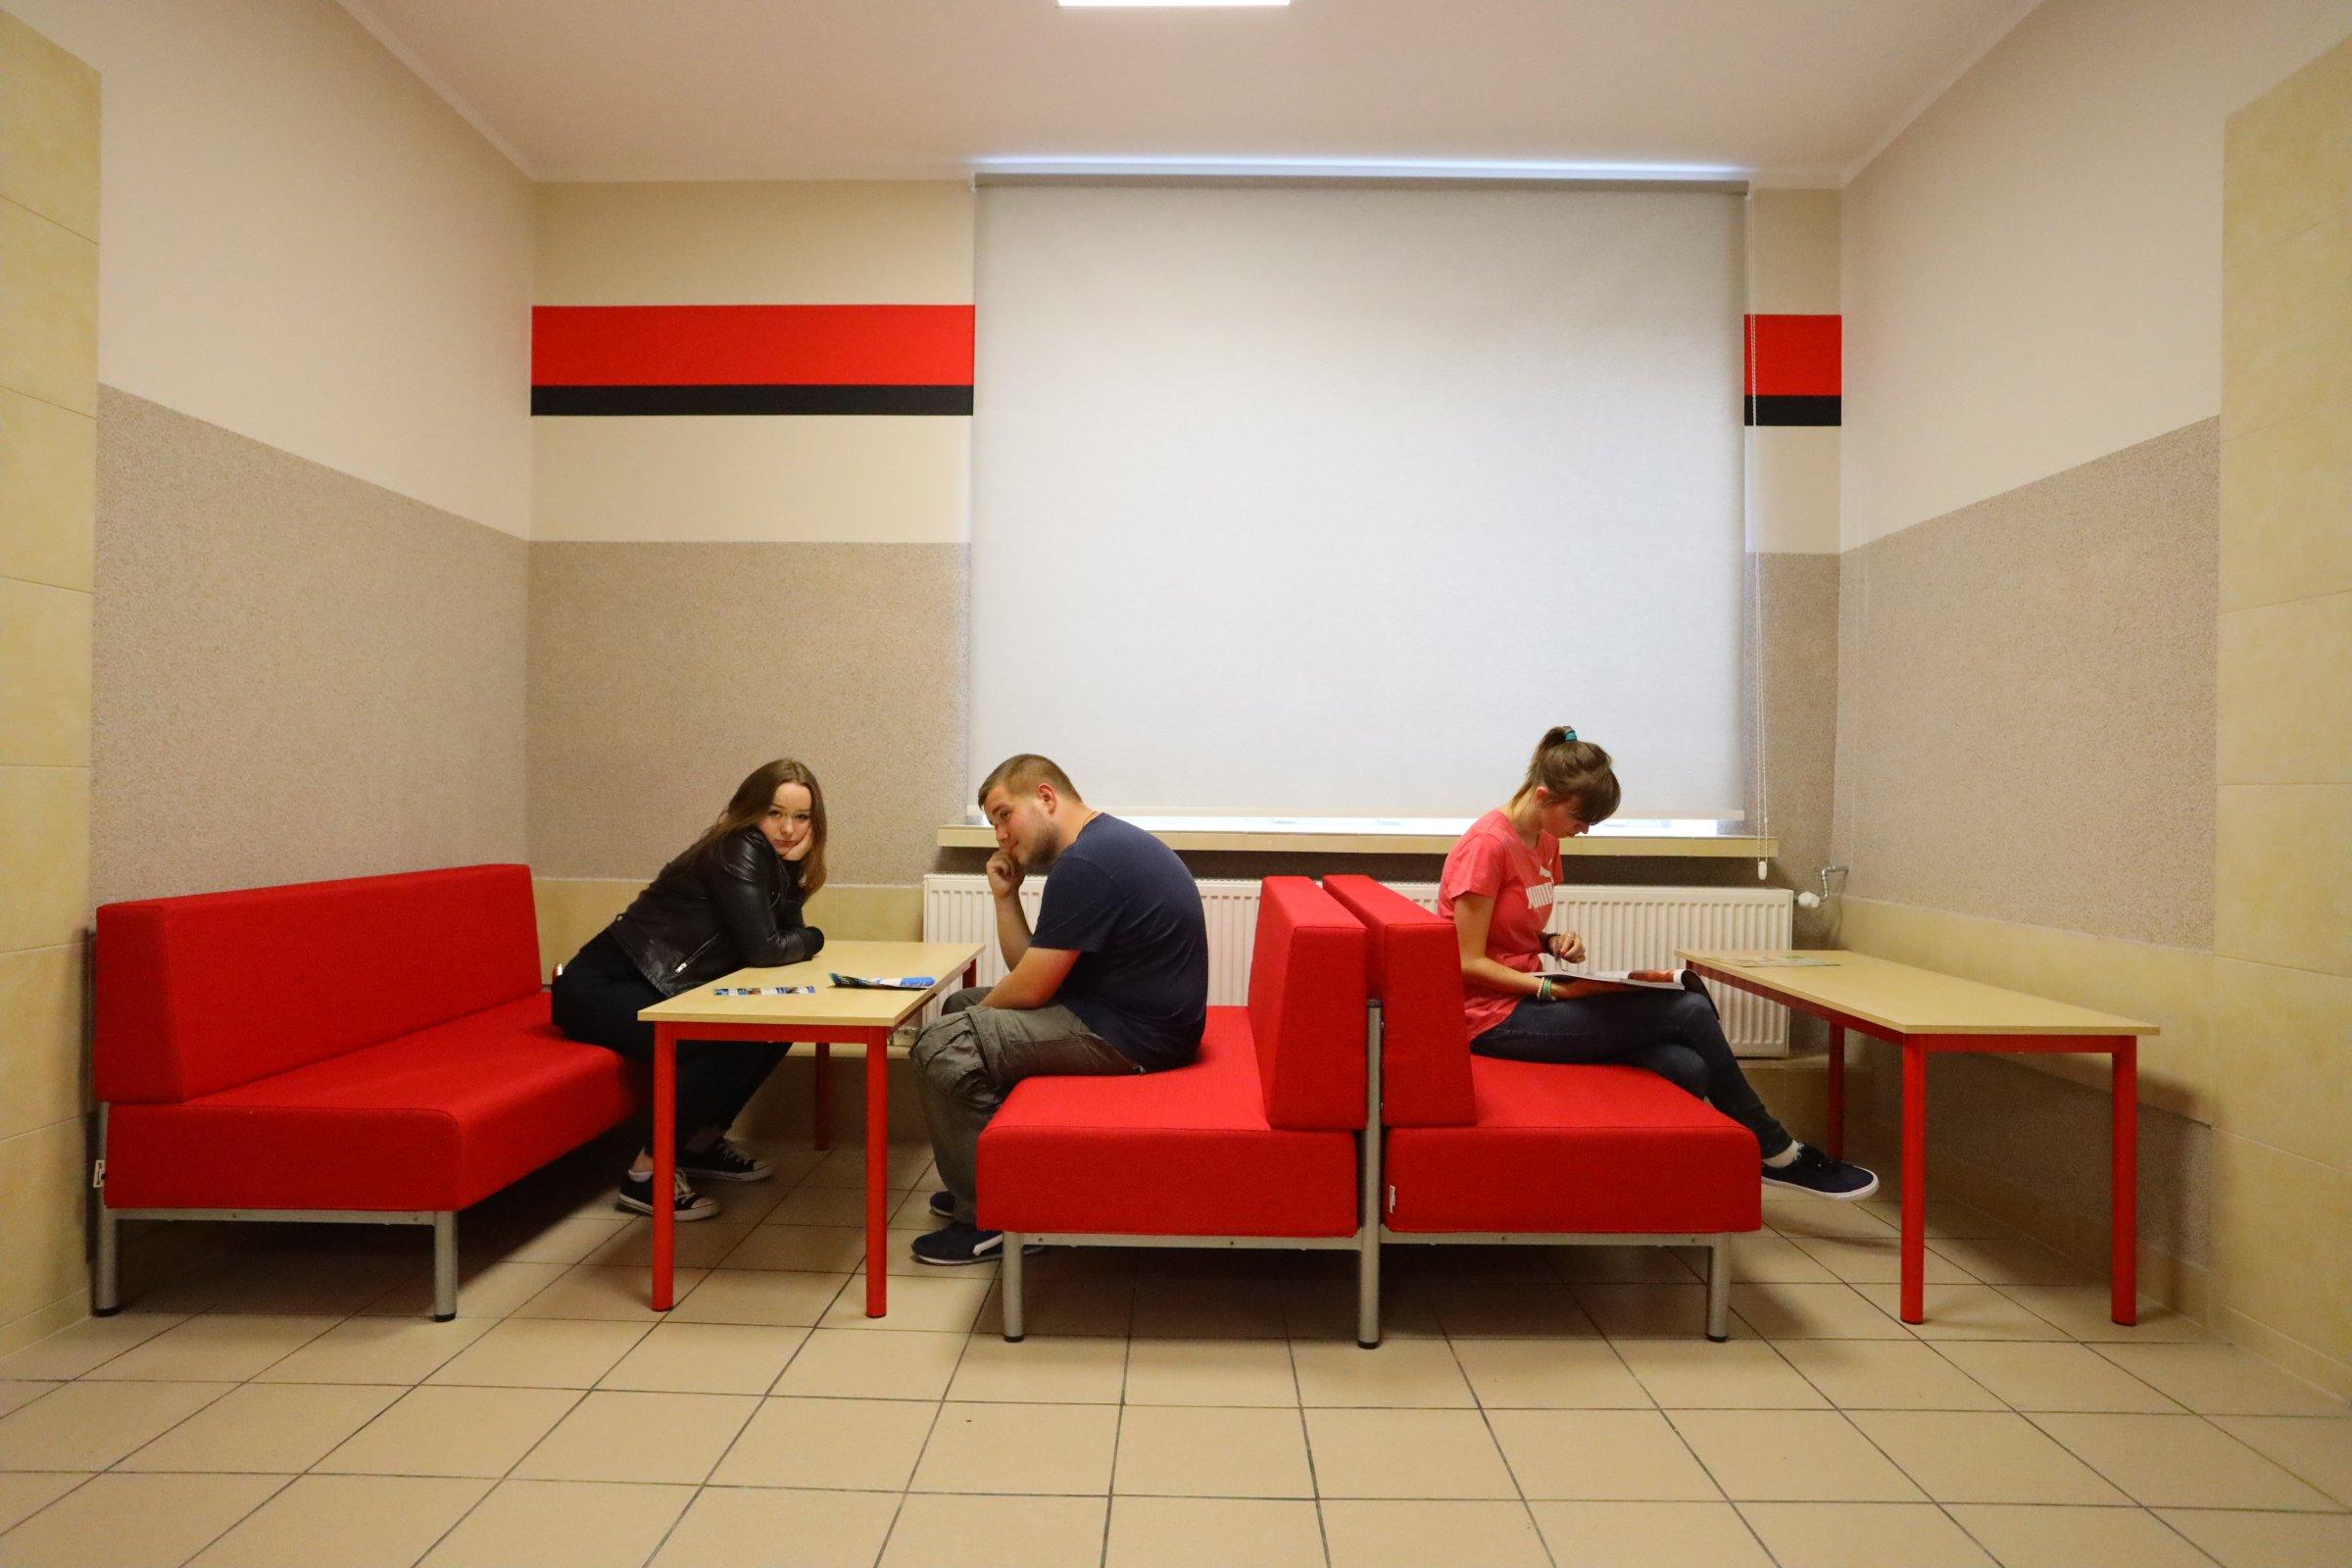 trzy młode osoby siedzą na czerwonych sofach